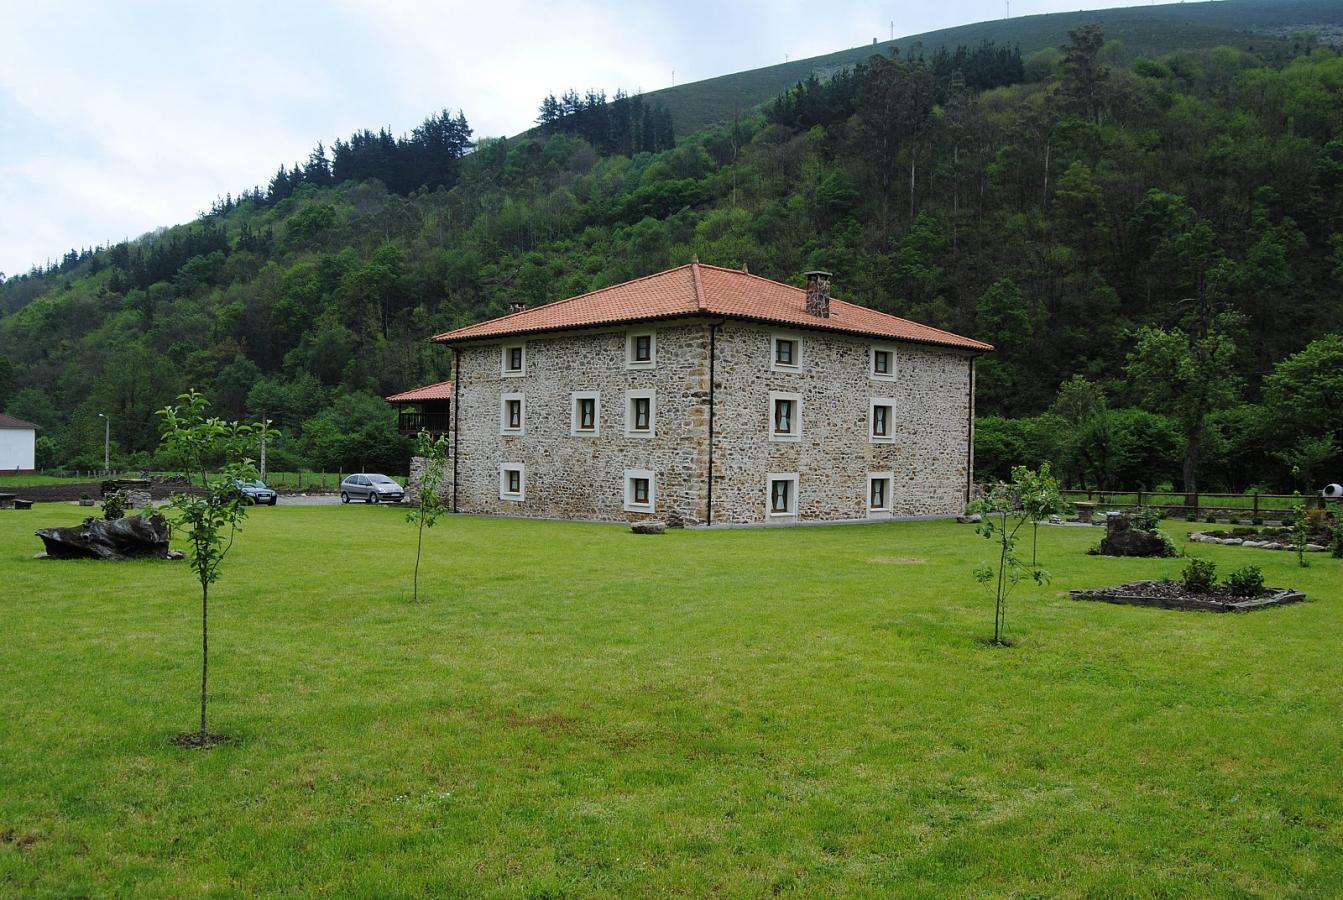 Fotos de ca lulon apartamentos rurales casa rural en - Casa rural luarca ...